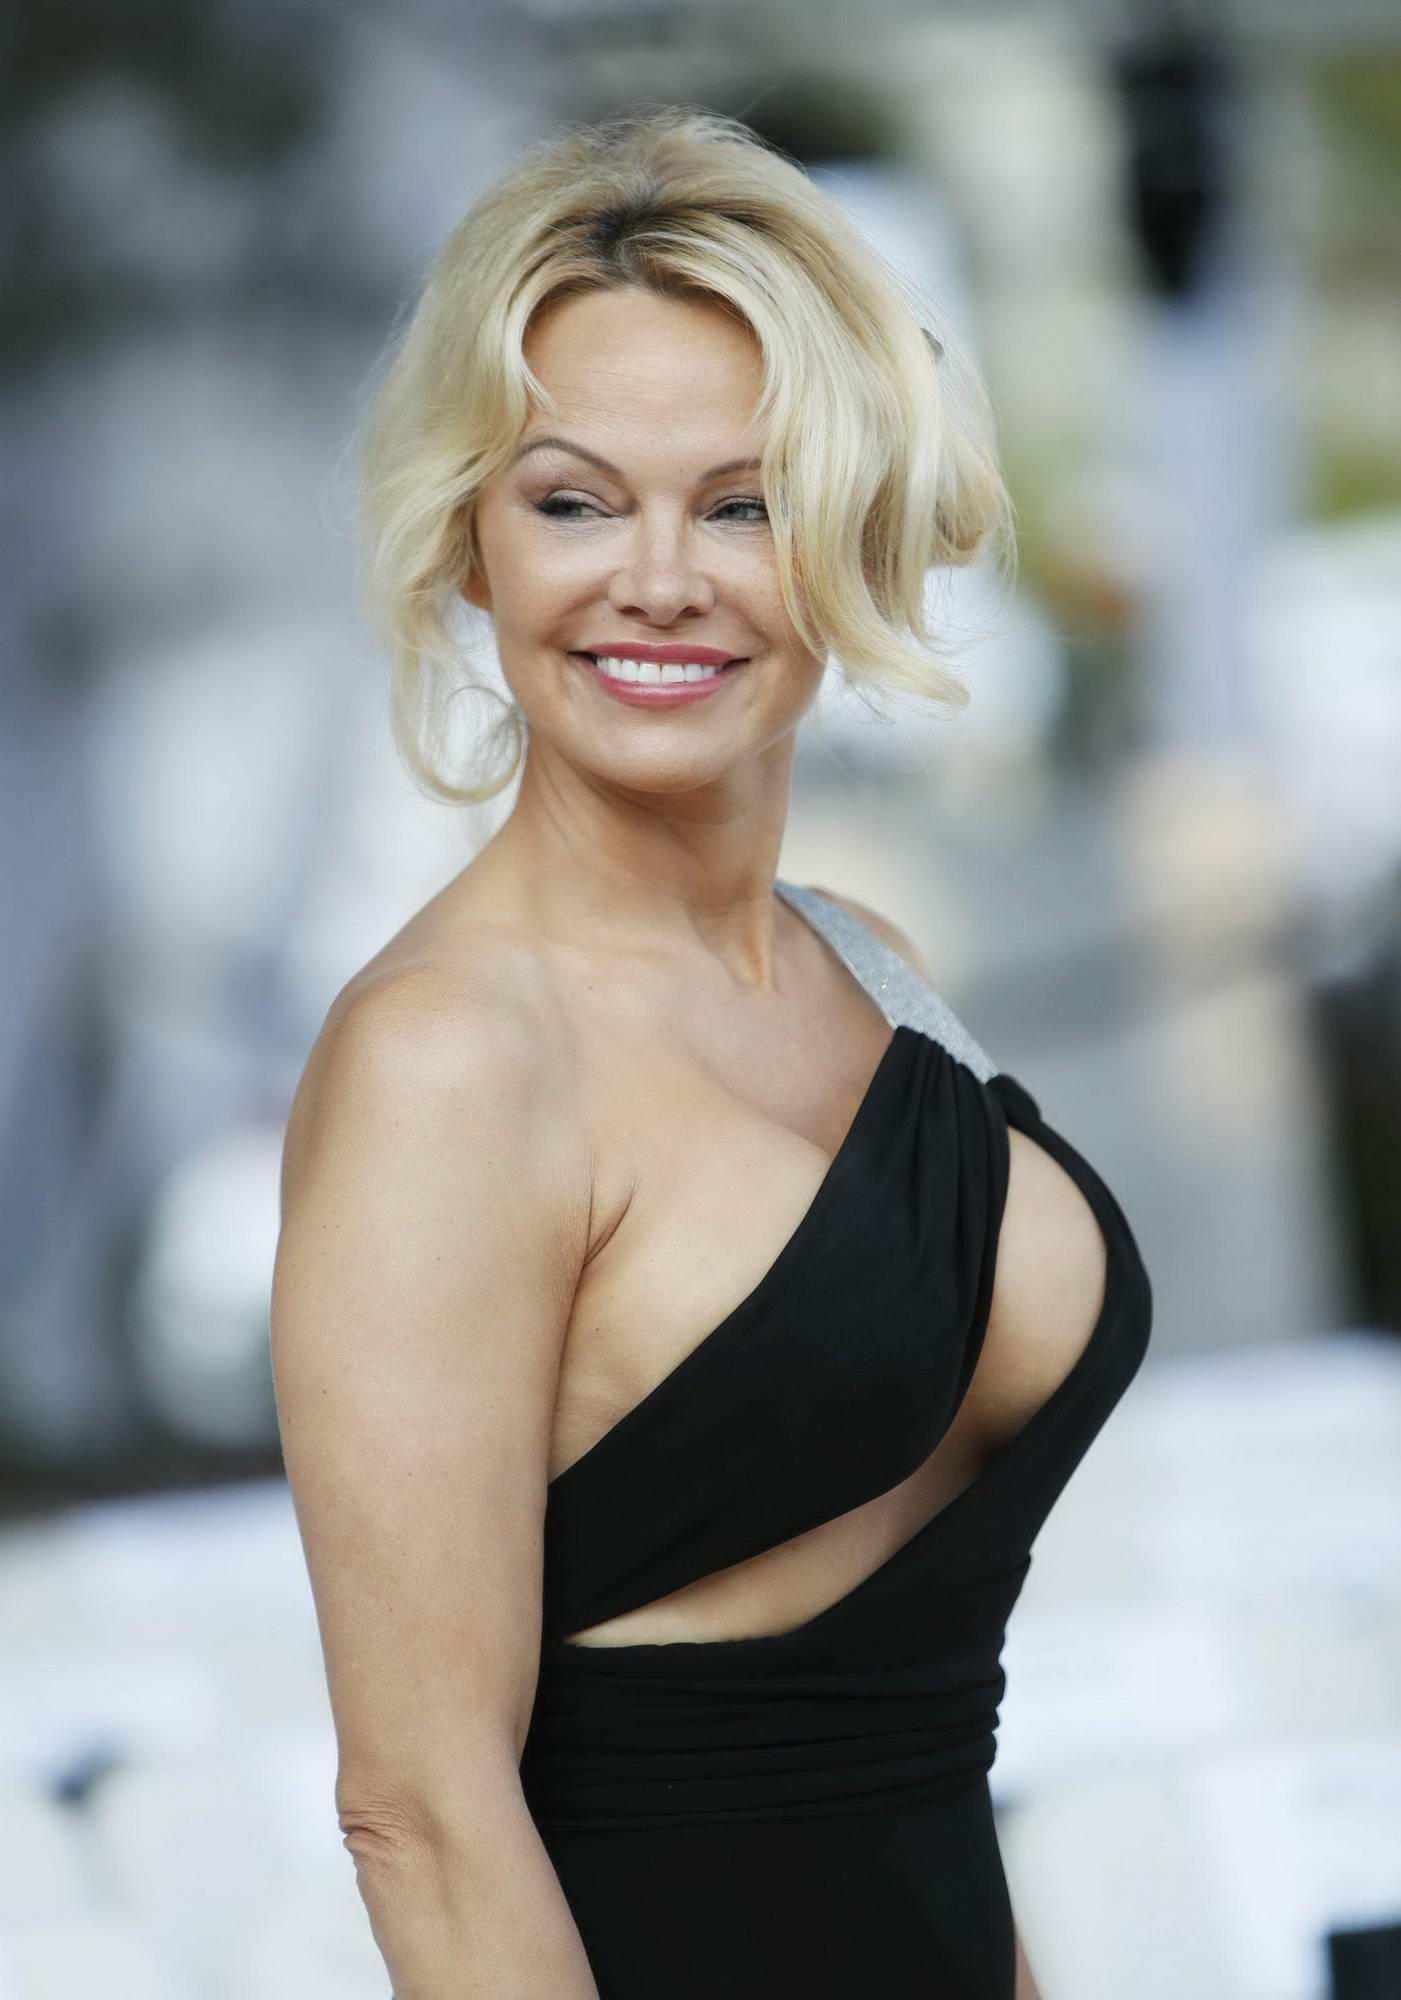 Pamela Anderson nudes (51 photos), Sexy, Sideboobs, Boobs, bra 2017